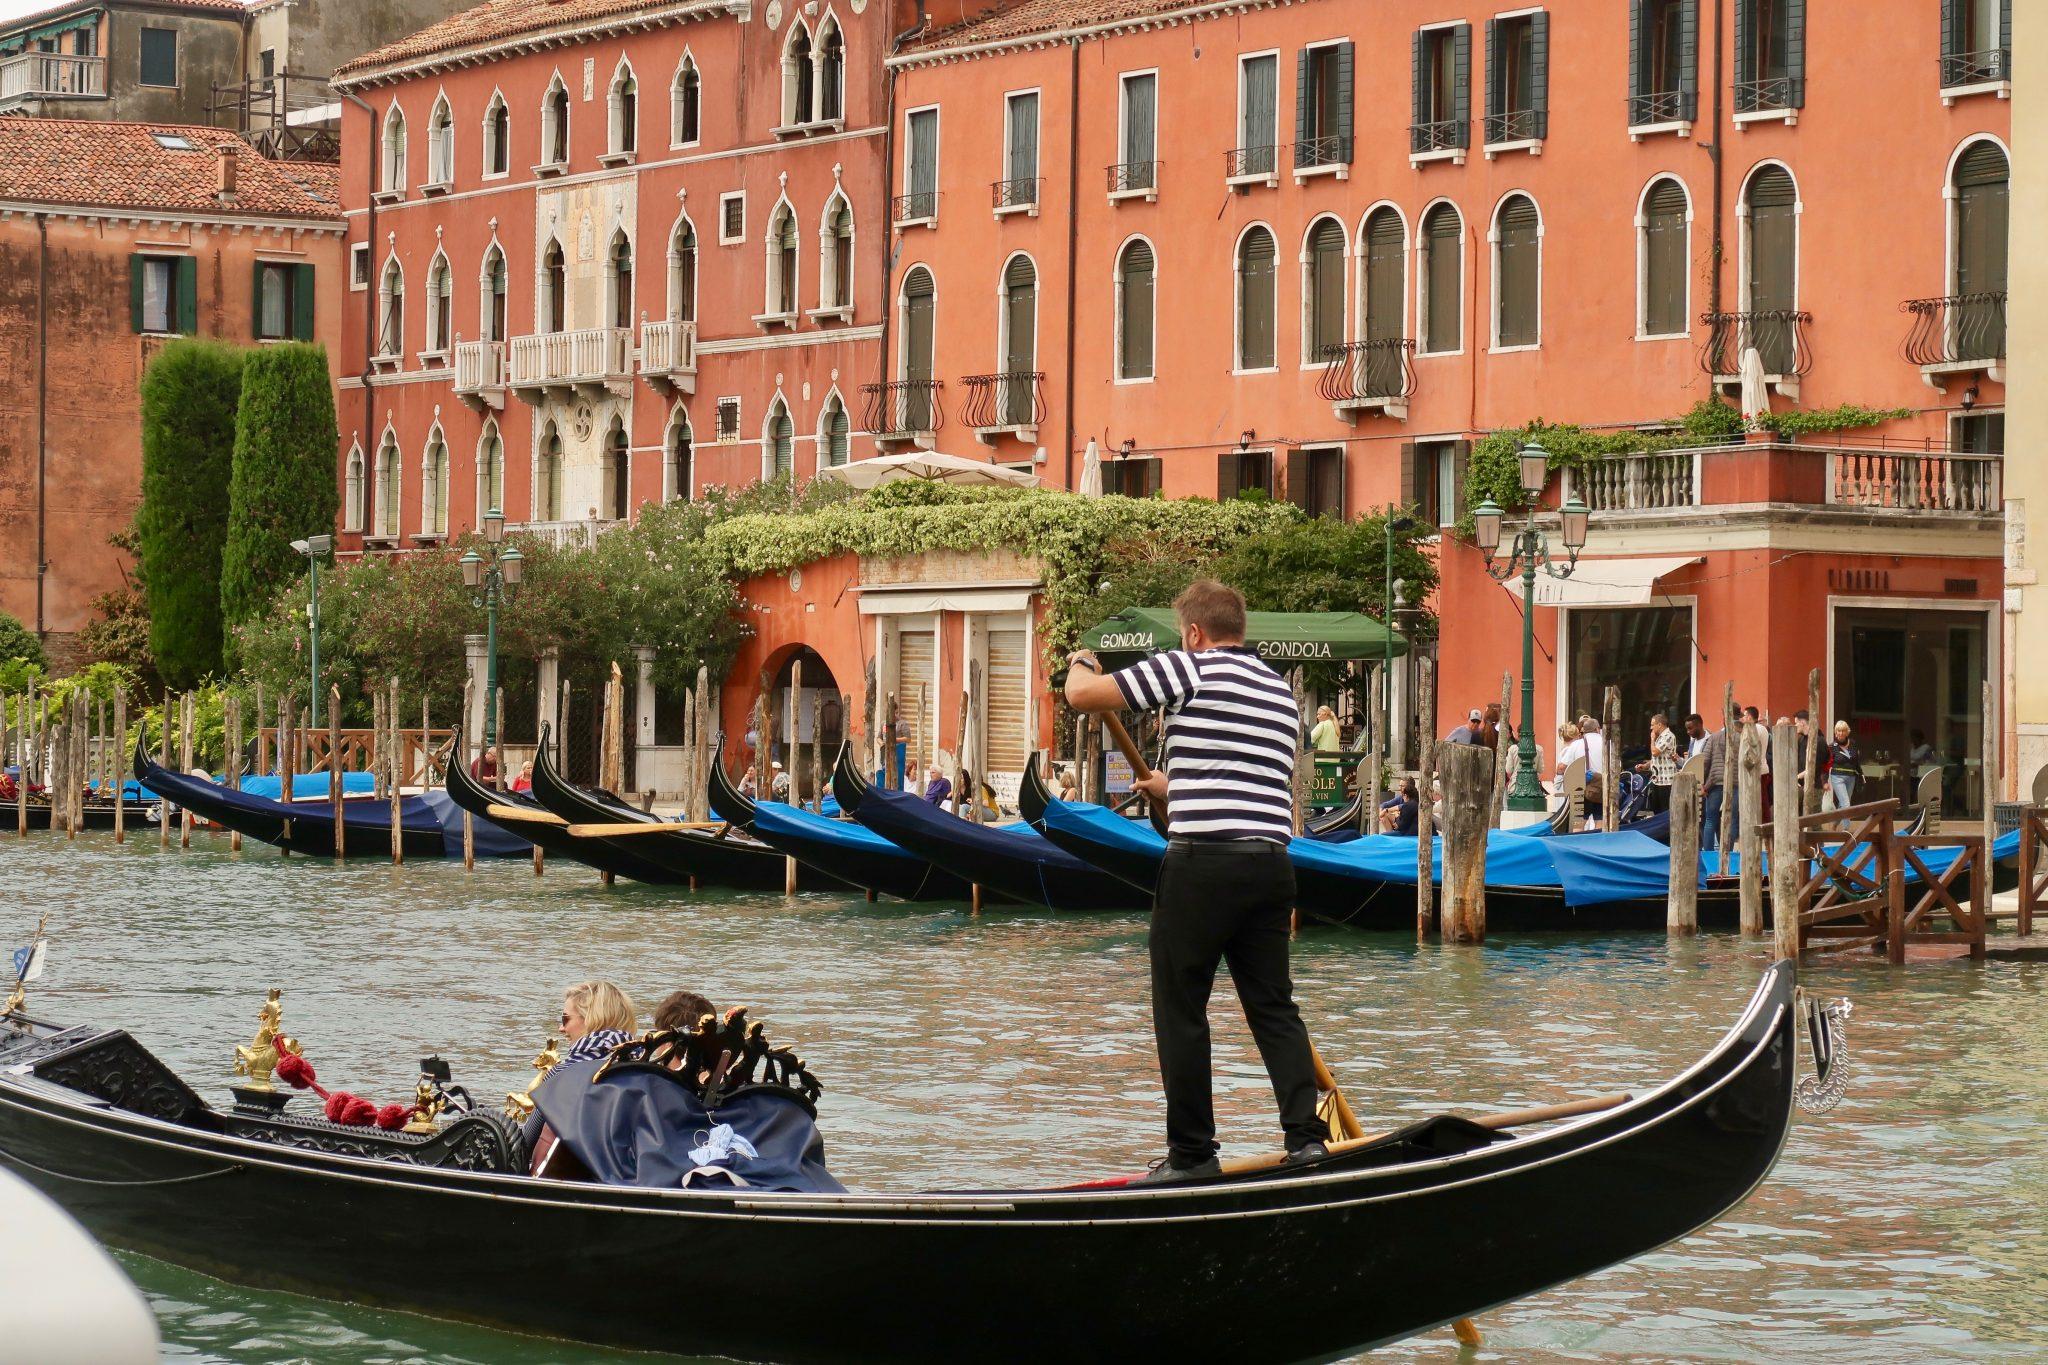 Venedig: Eine Gondelfahrt ist für viele Touristen ein Highlight ihres Venedig-Besuchs, weshalb sie an der Station häufig Schlange stehen (wie hier im Bild)